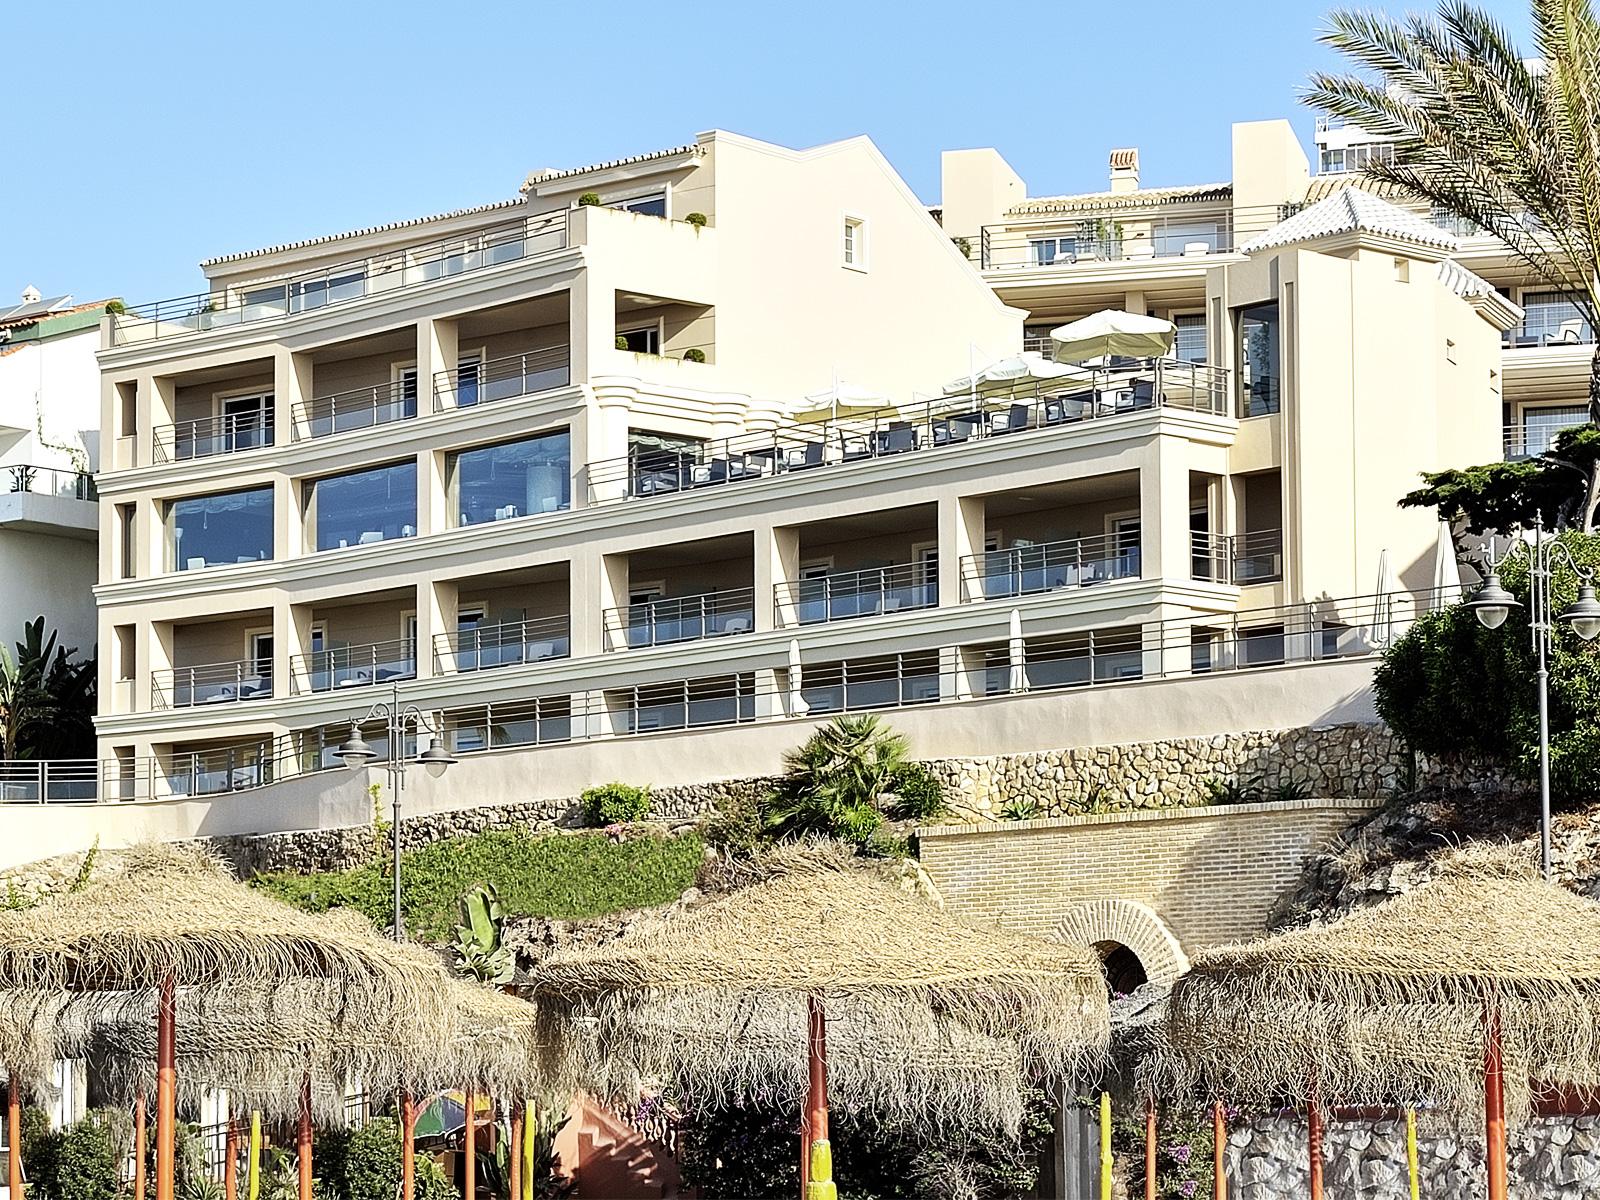 Façade Vincci Aleysa Boutique&Spa 5* - Benalmádena - Málaga